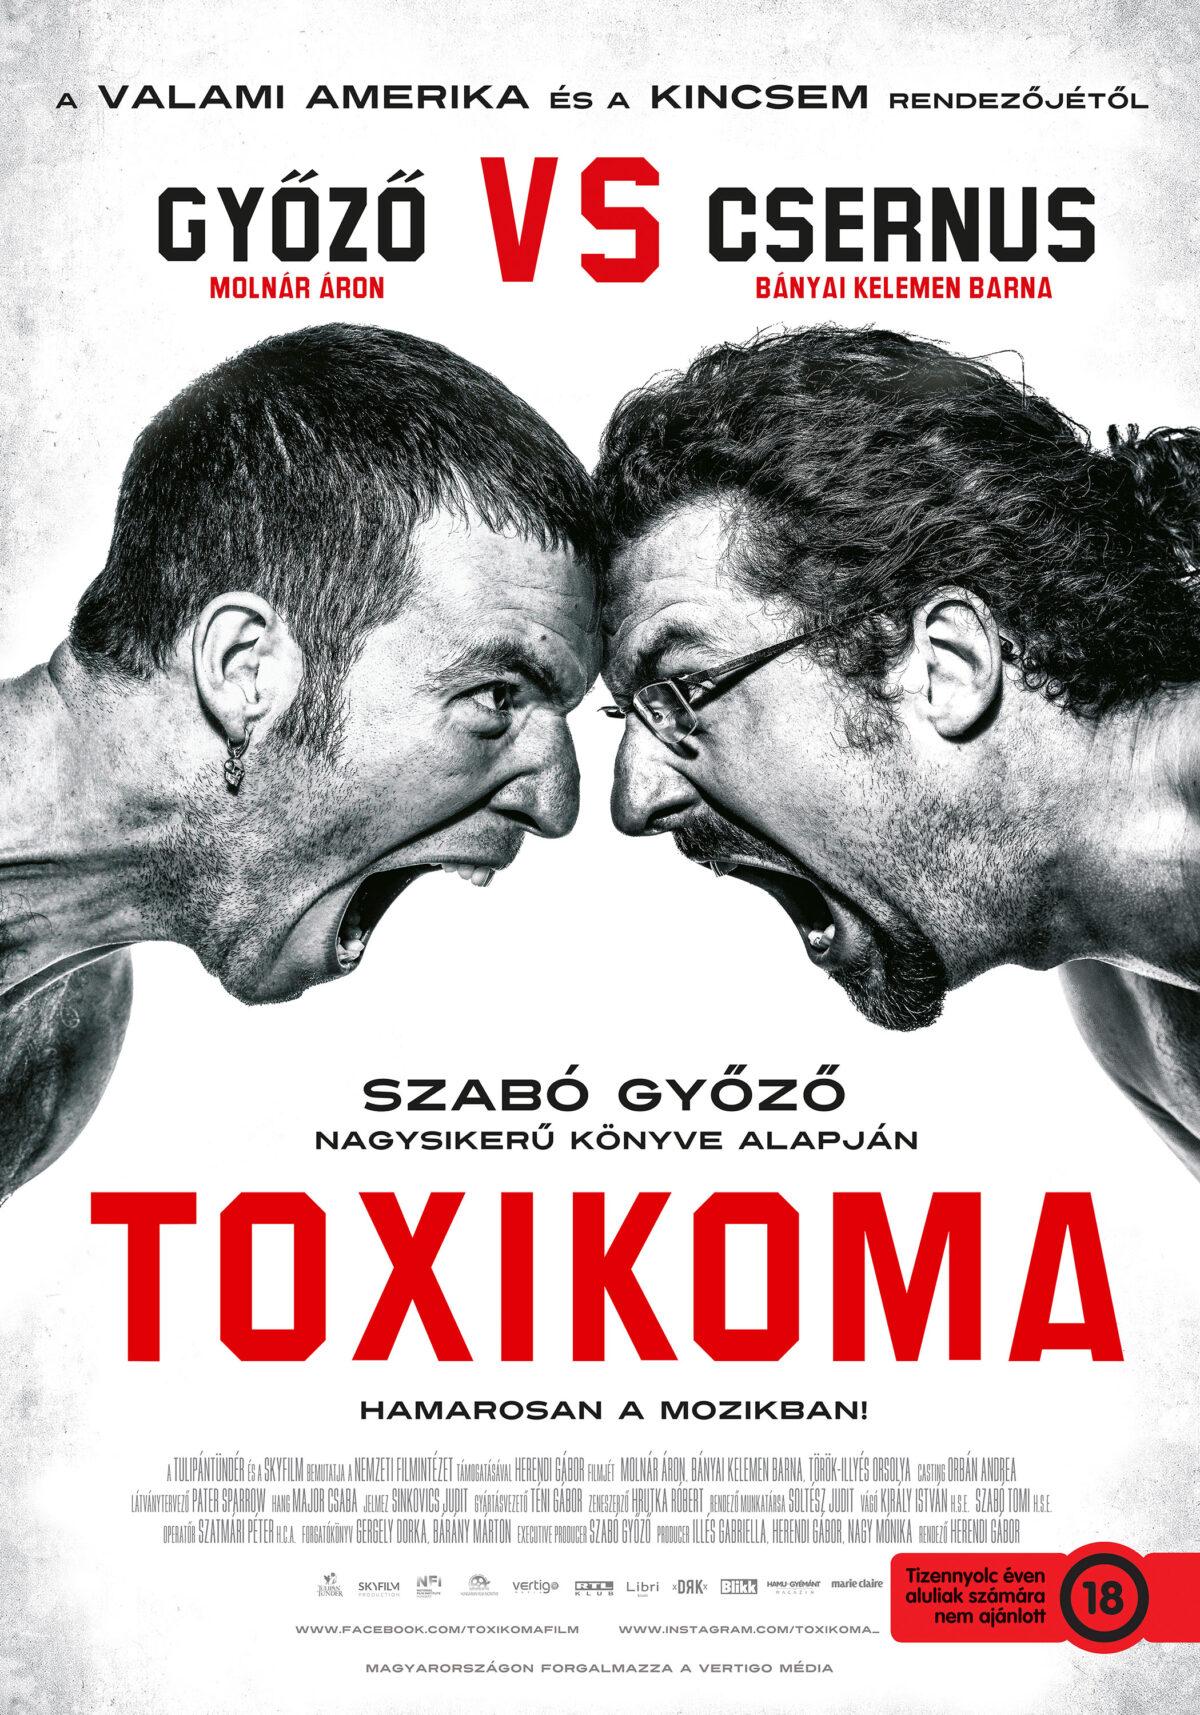 Toxikoma film